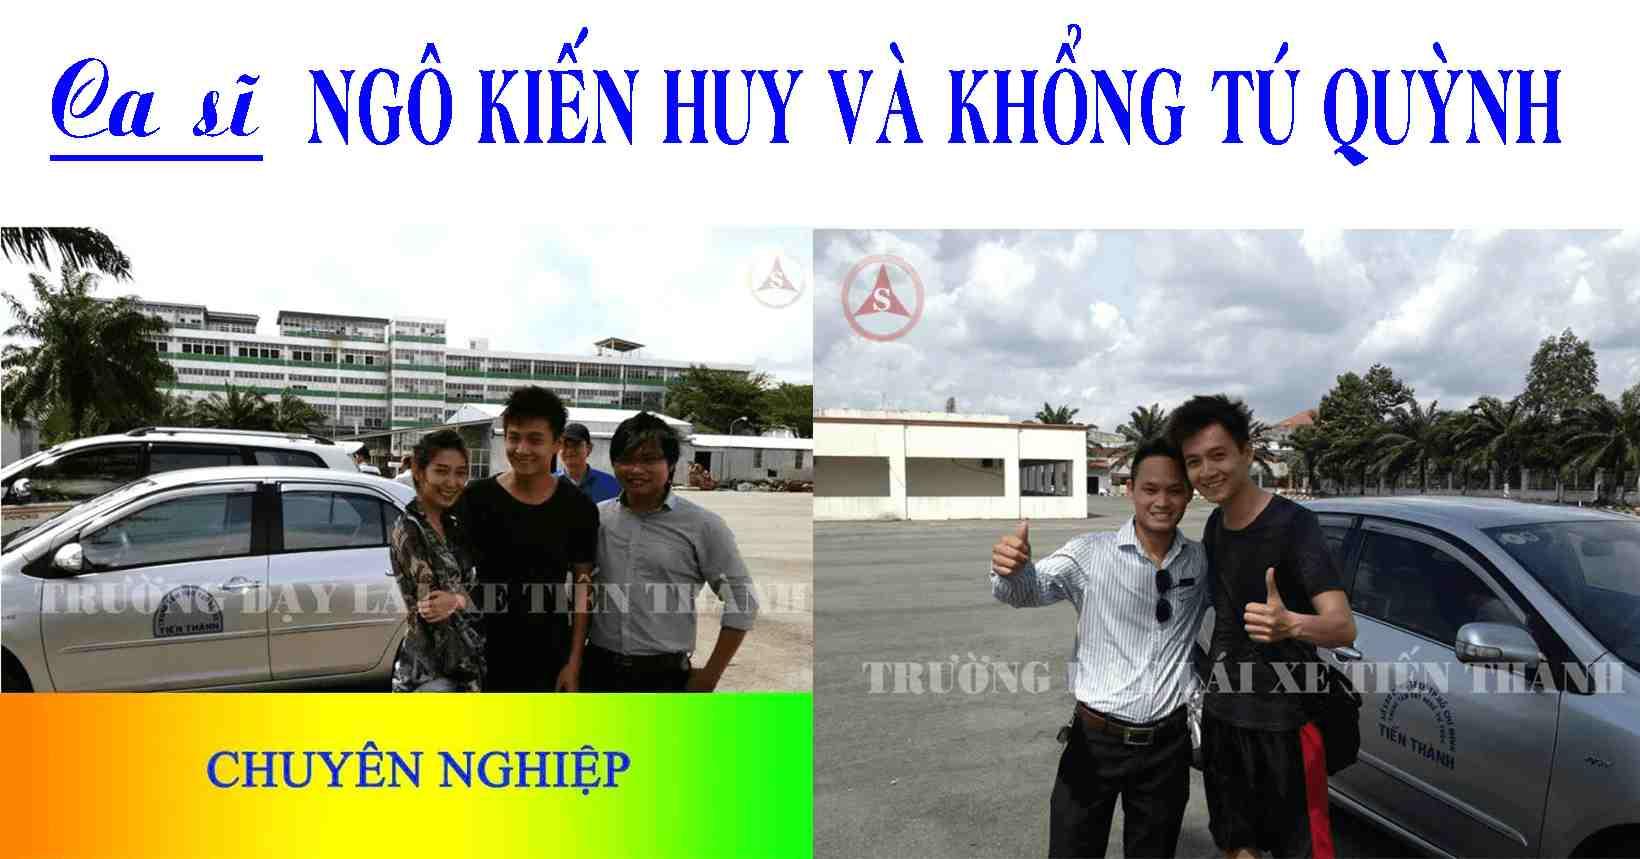 Ngô Kiến Huy - Khổng Tú Quỳnh đang học tại trường Tiến Thành quận 7